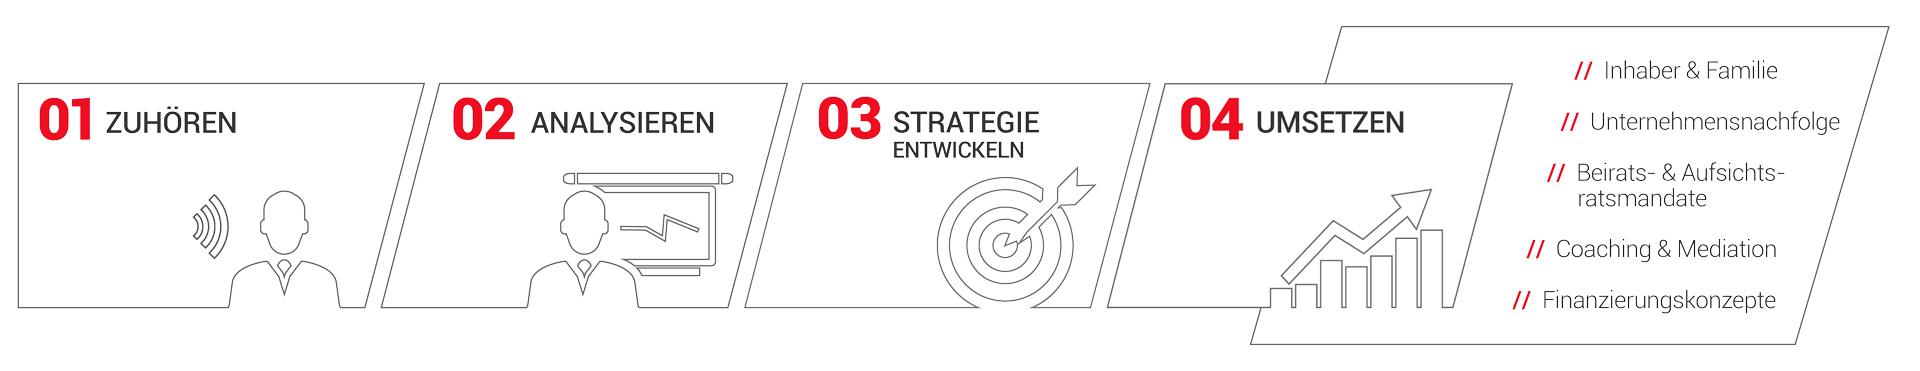 Prozess Imhaeuser Strategien